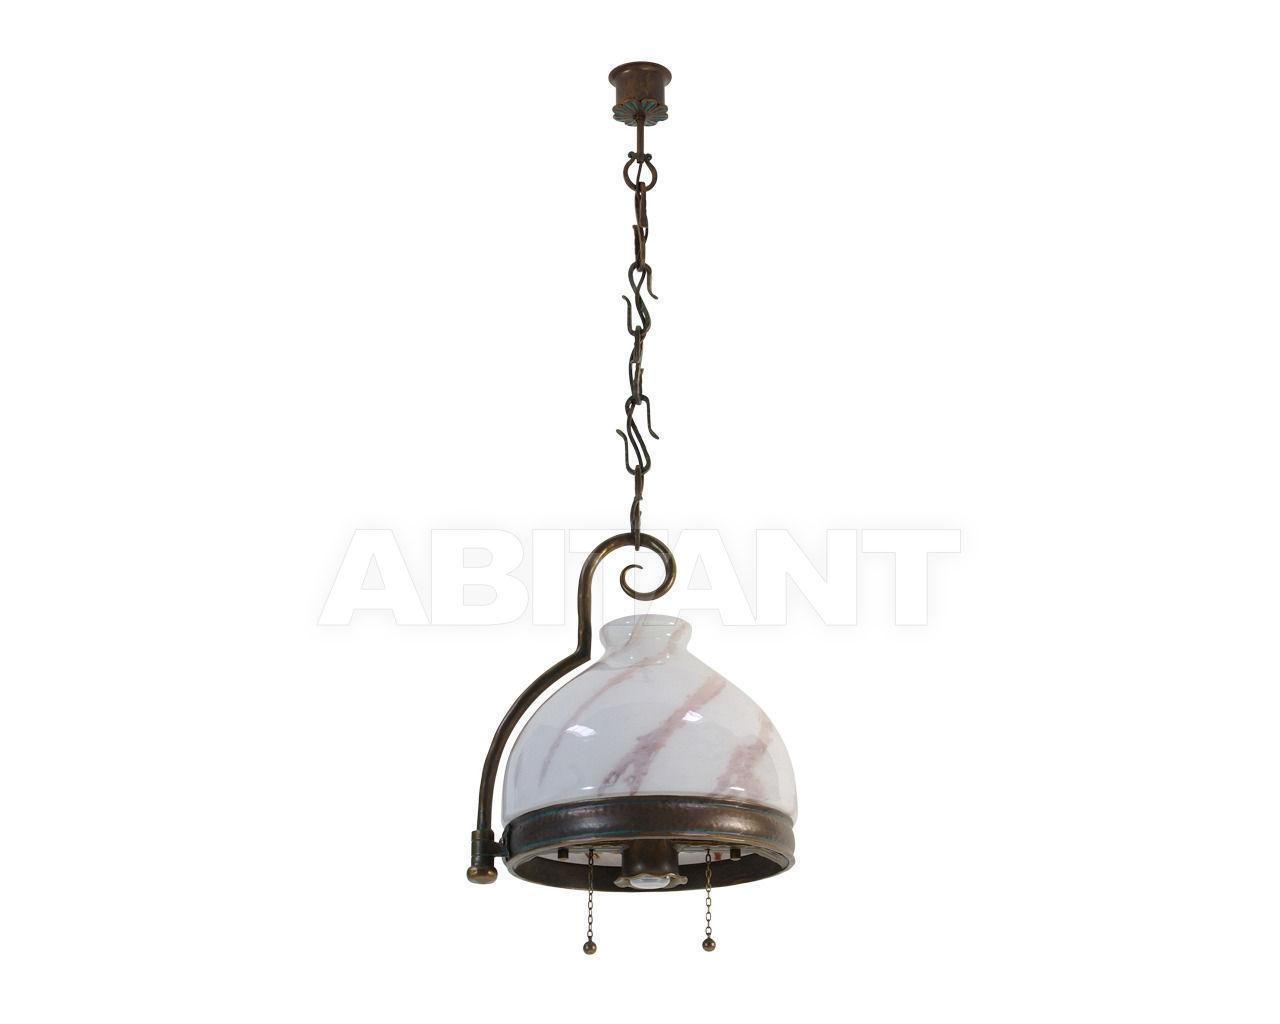 Купить Светильник FMB Leuchten Schmiedeeisen Lampen Und Leuchten 94100